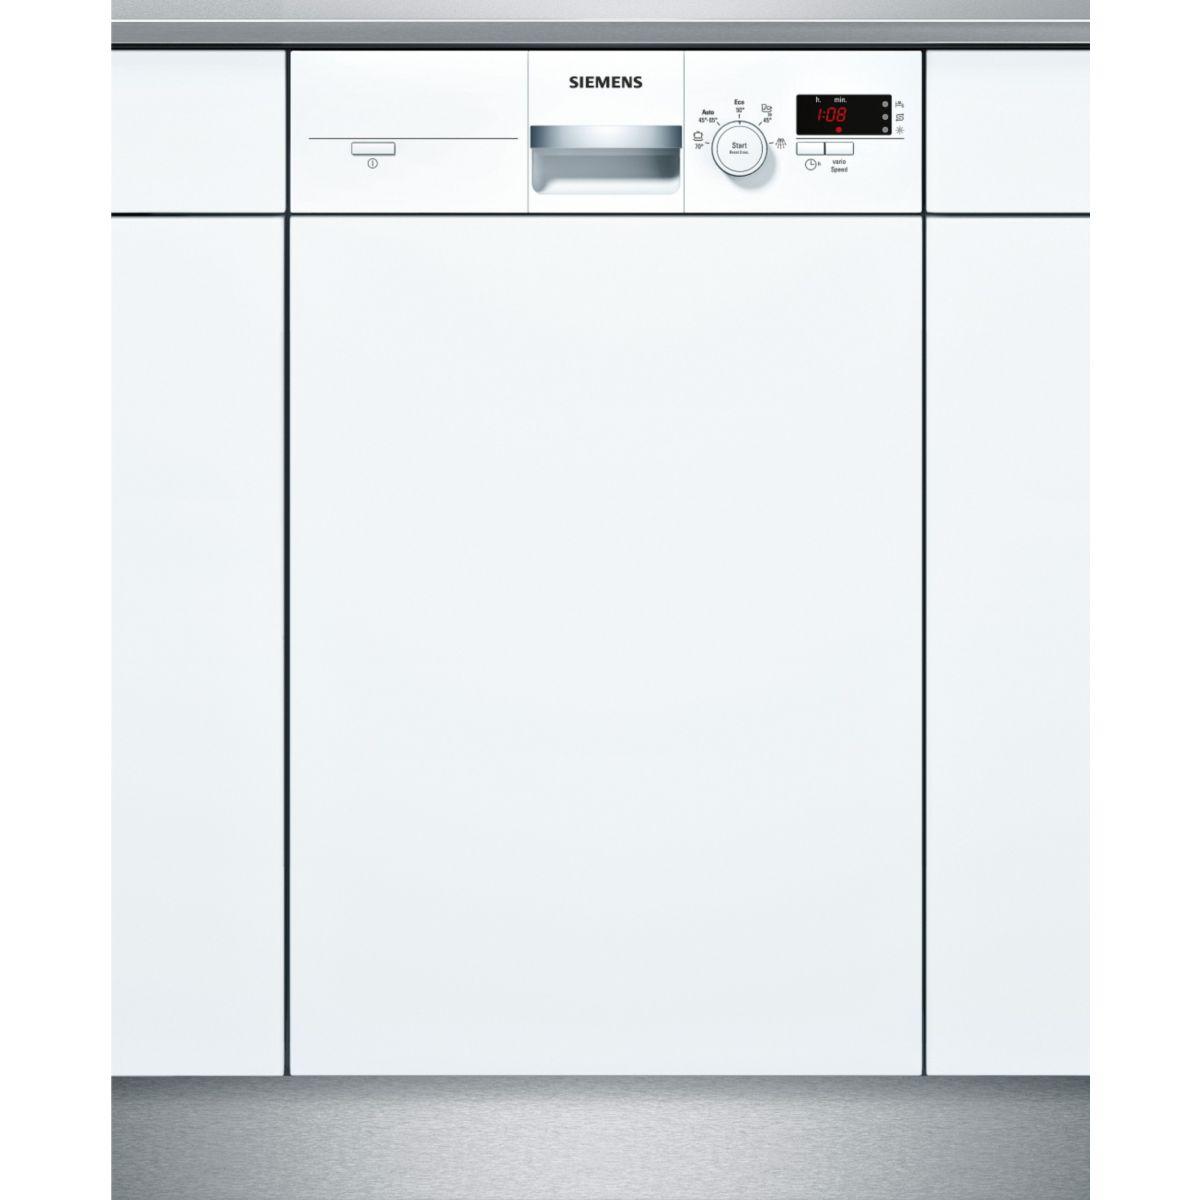 Lave-vaisselle intégrable SIEMENS SR55E204EU